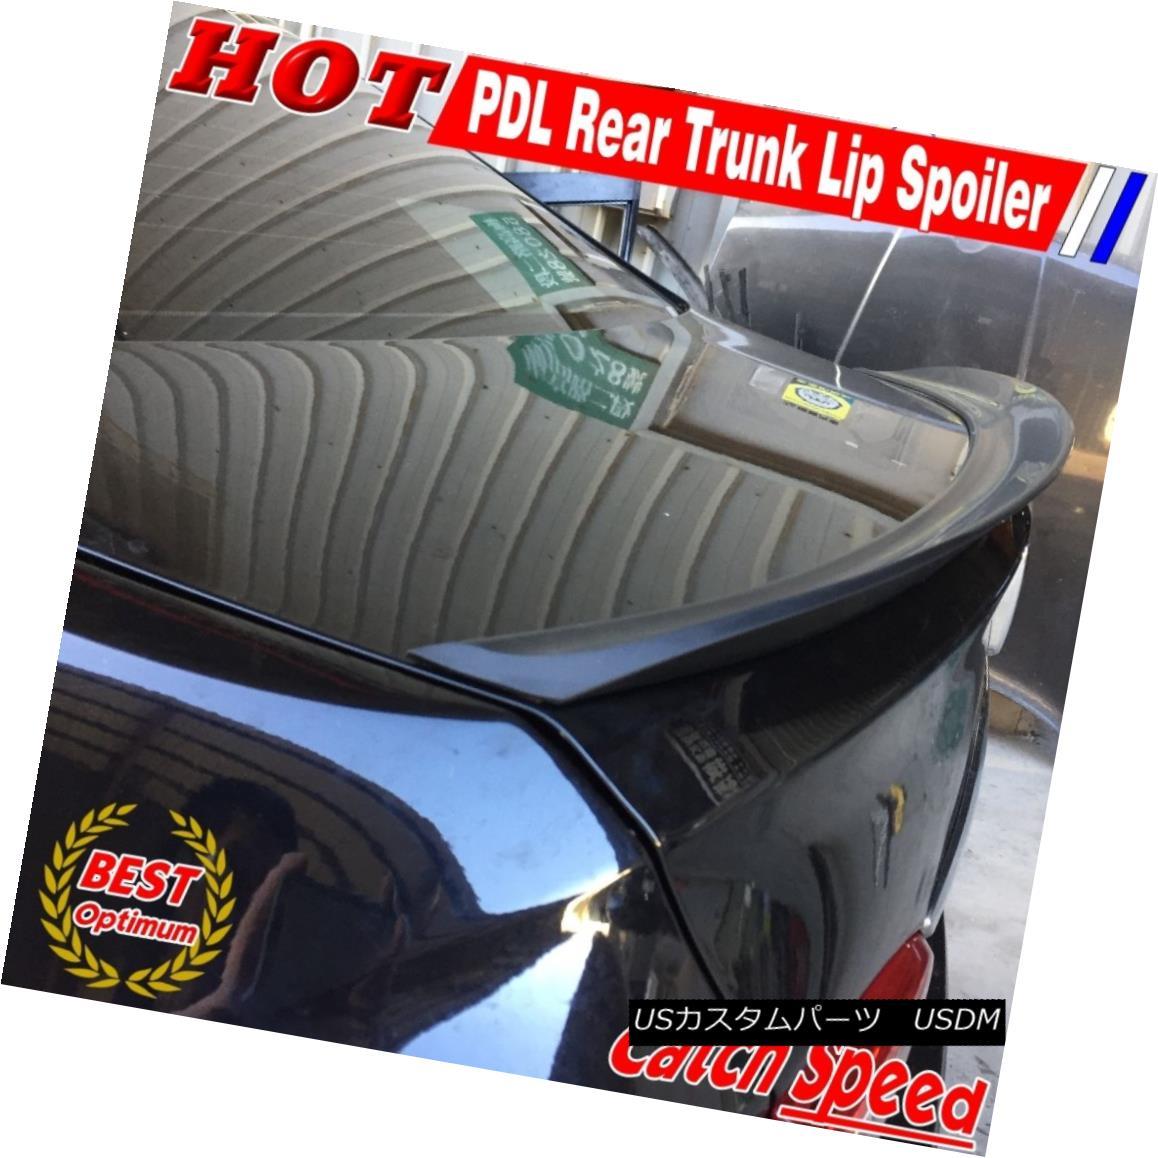 エアロパーツ Flat Black P Style Rear Trunk Lip Spoiler Wing For Honda Civic 2006-11 LX Coupe ホンダシビック用フラットブラックPスタイルリアトランクリップスポイラーウイング2006-11 LX Coupe